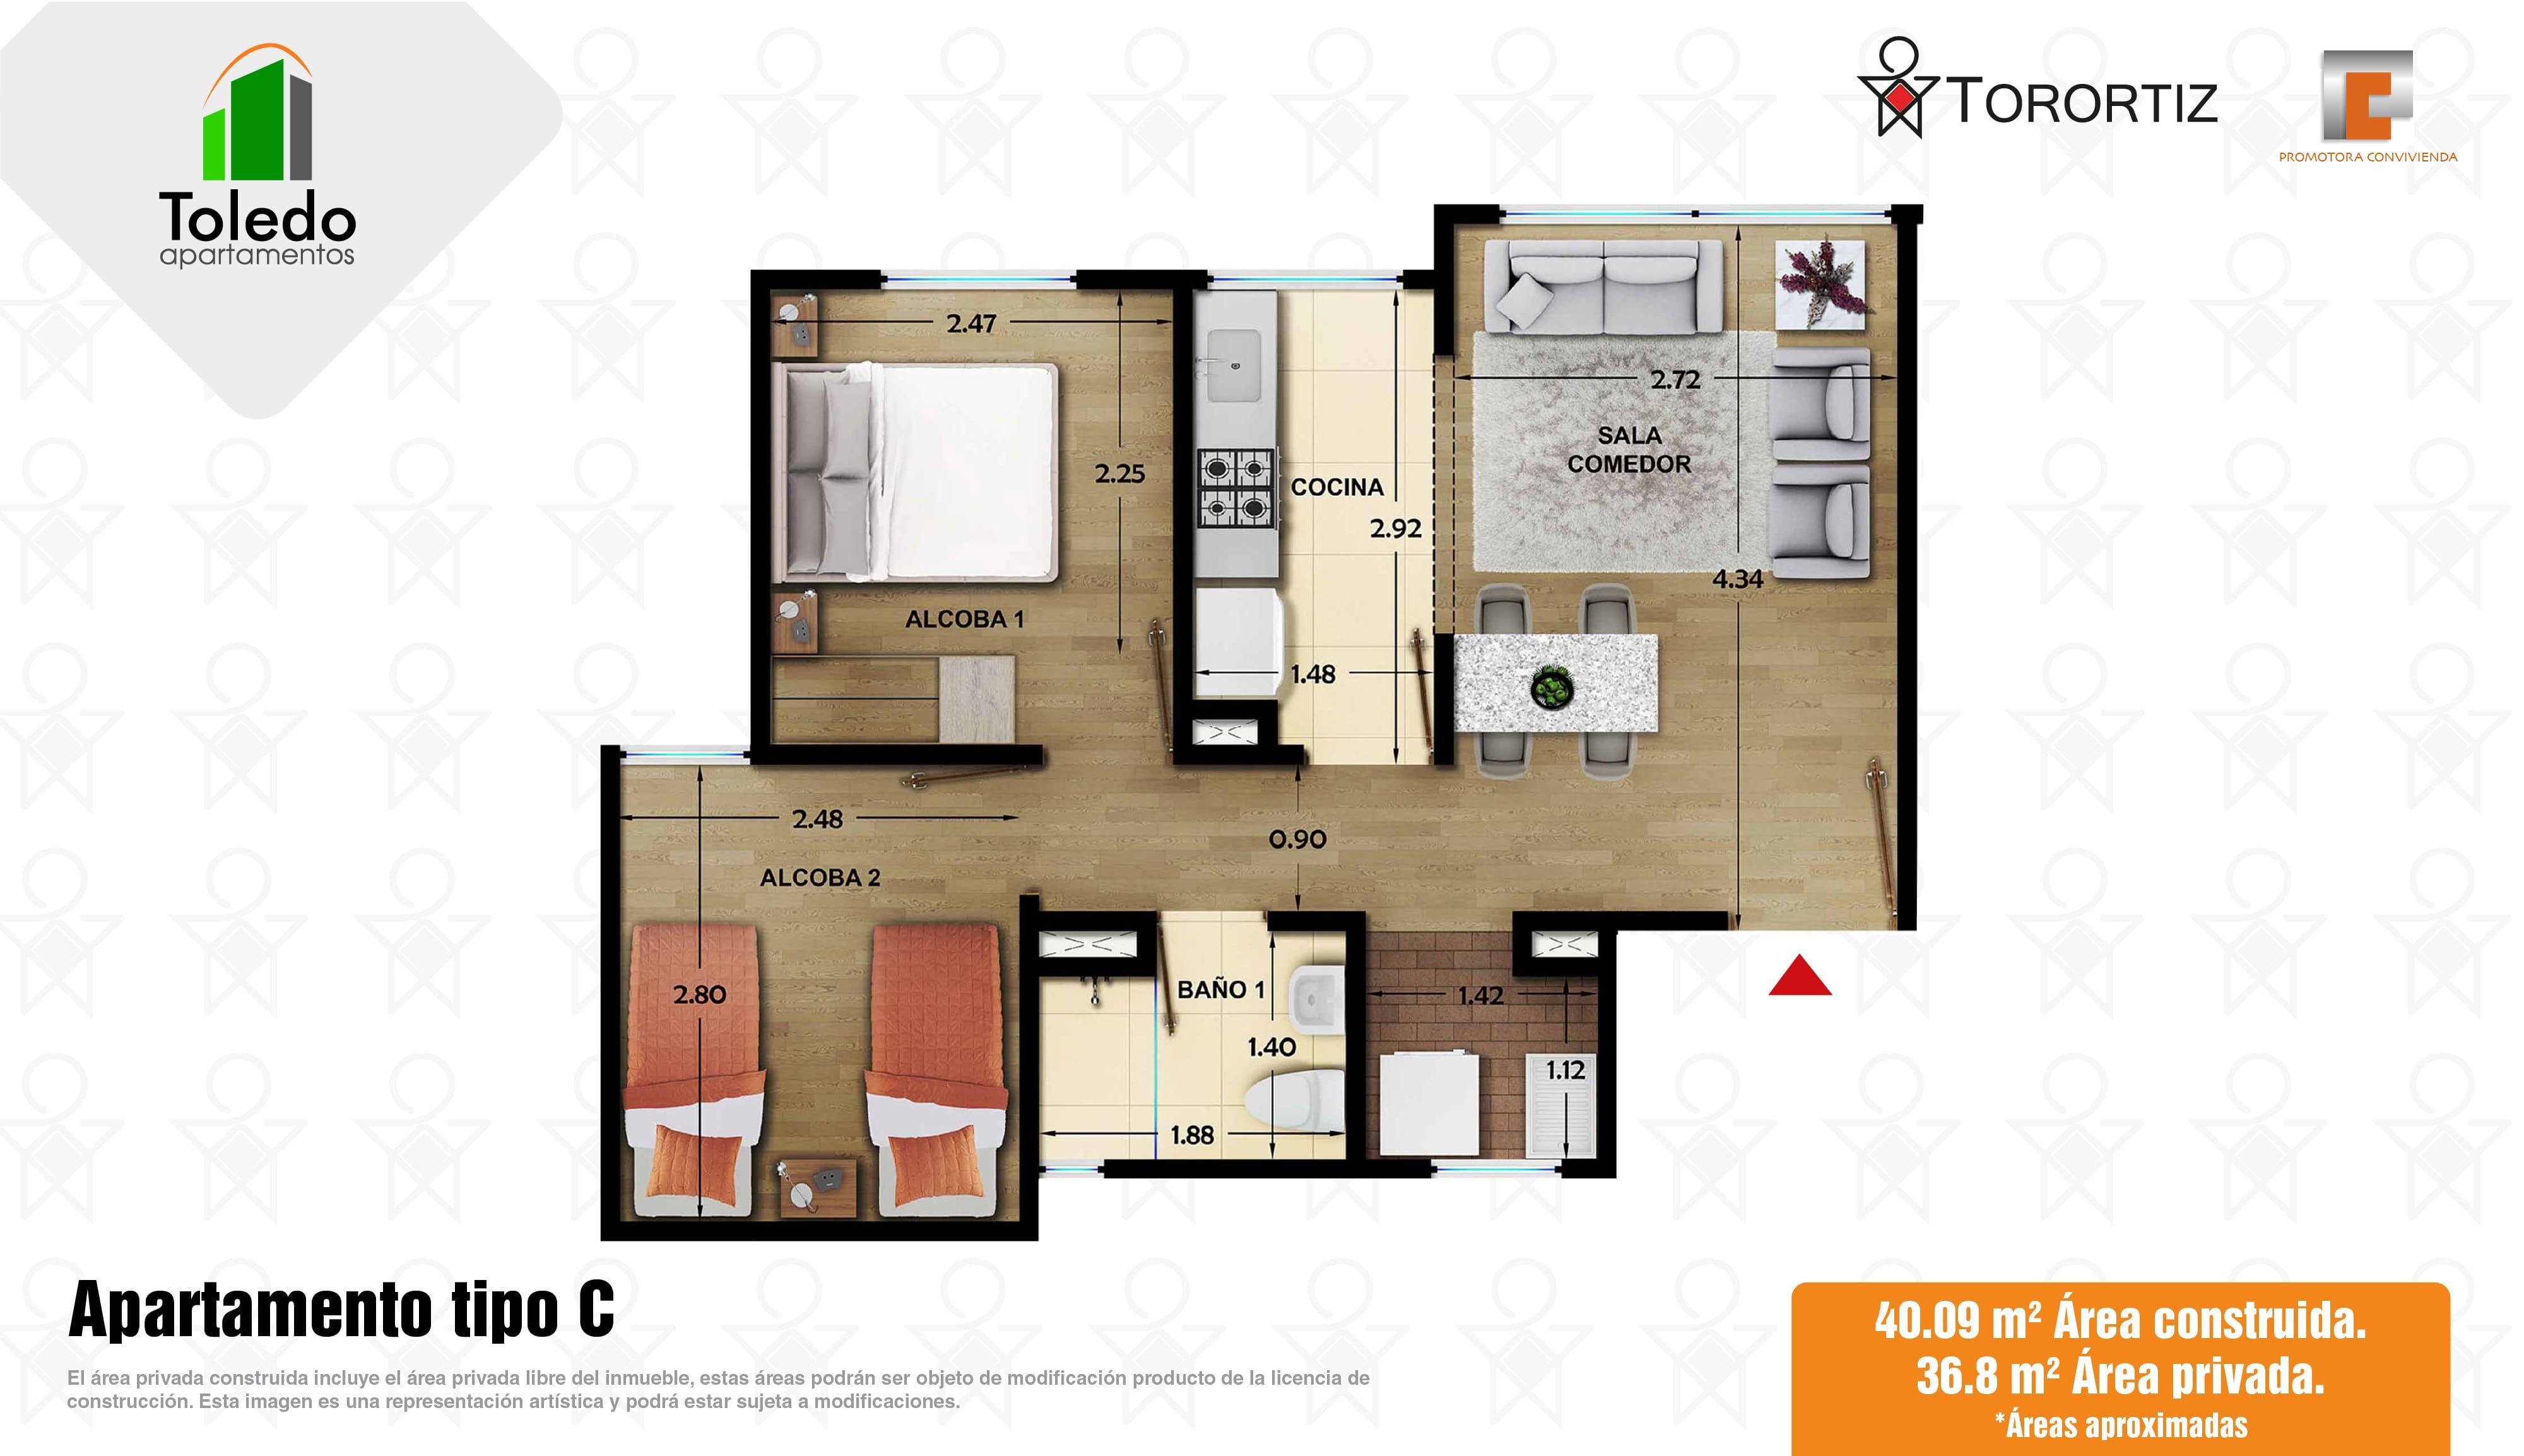 oeste-de-granada-apartamentos-en-venta-nuevos-torortiz-gran-granada-apartaestudios-zonas-comunes-estrenar-habitaciones-baños-cipres-florida-senderos-caminos-reserva